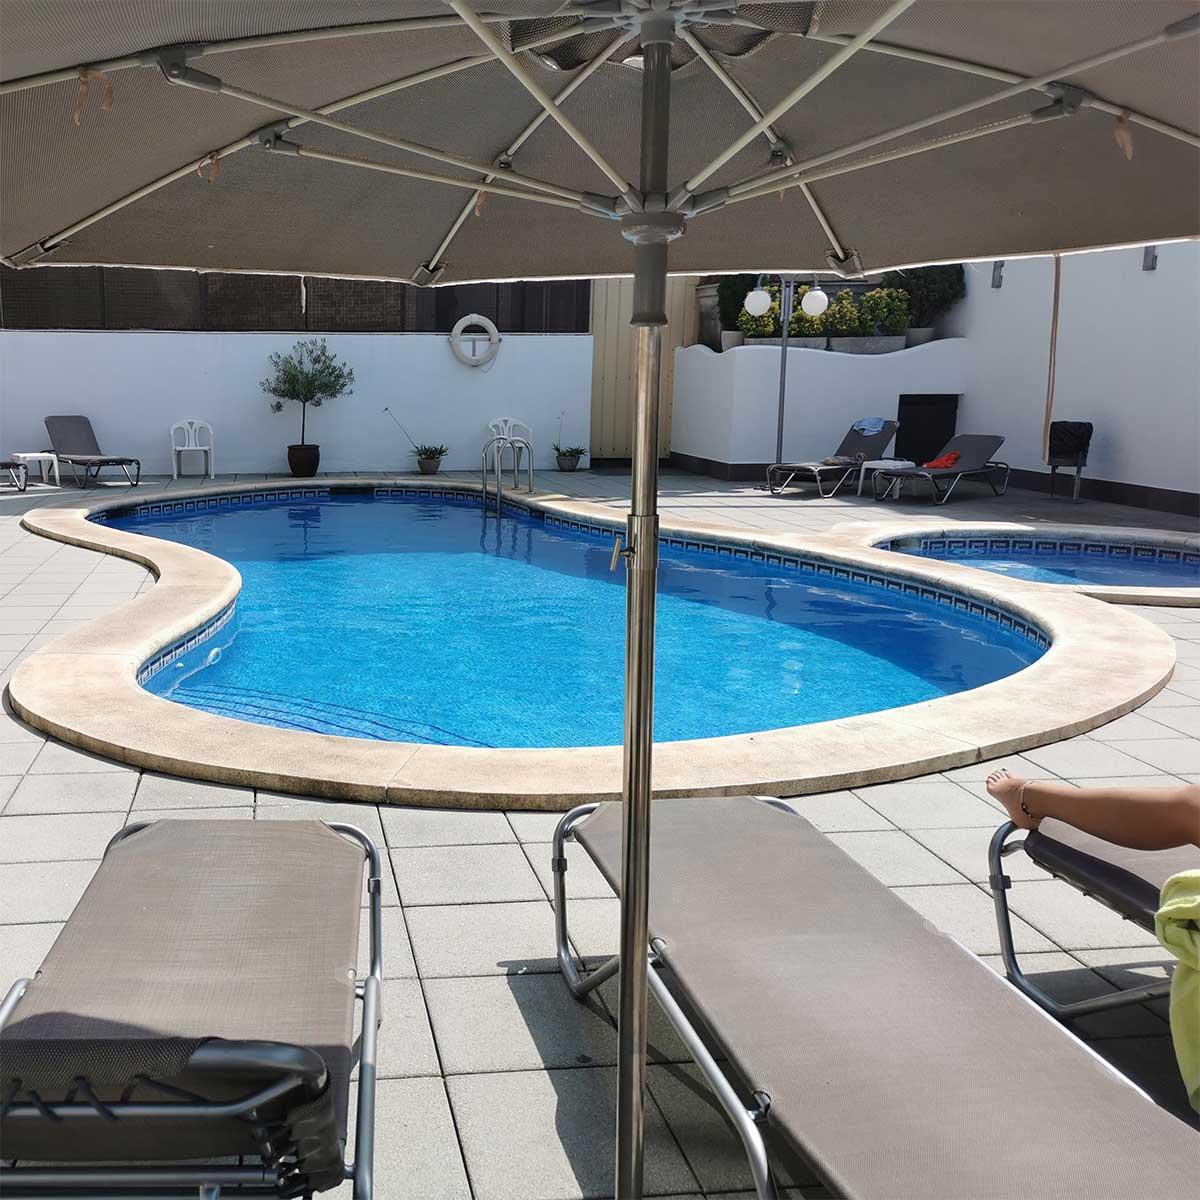 Servicios: En el Hotel Petit Palau disponemos de servicio de piscina exterior y solarium